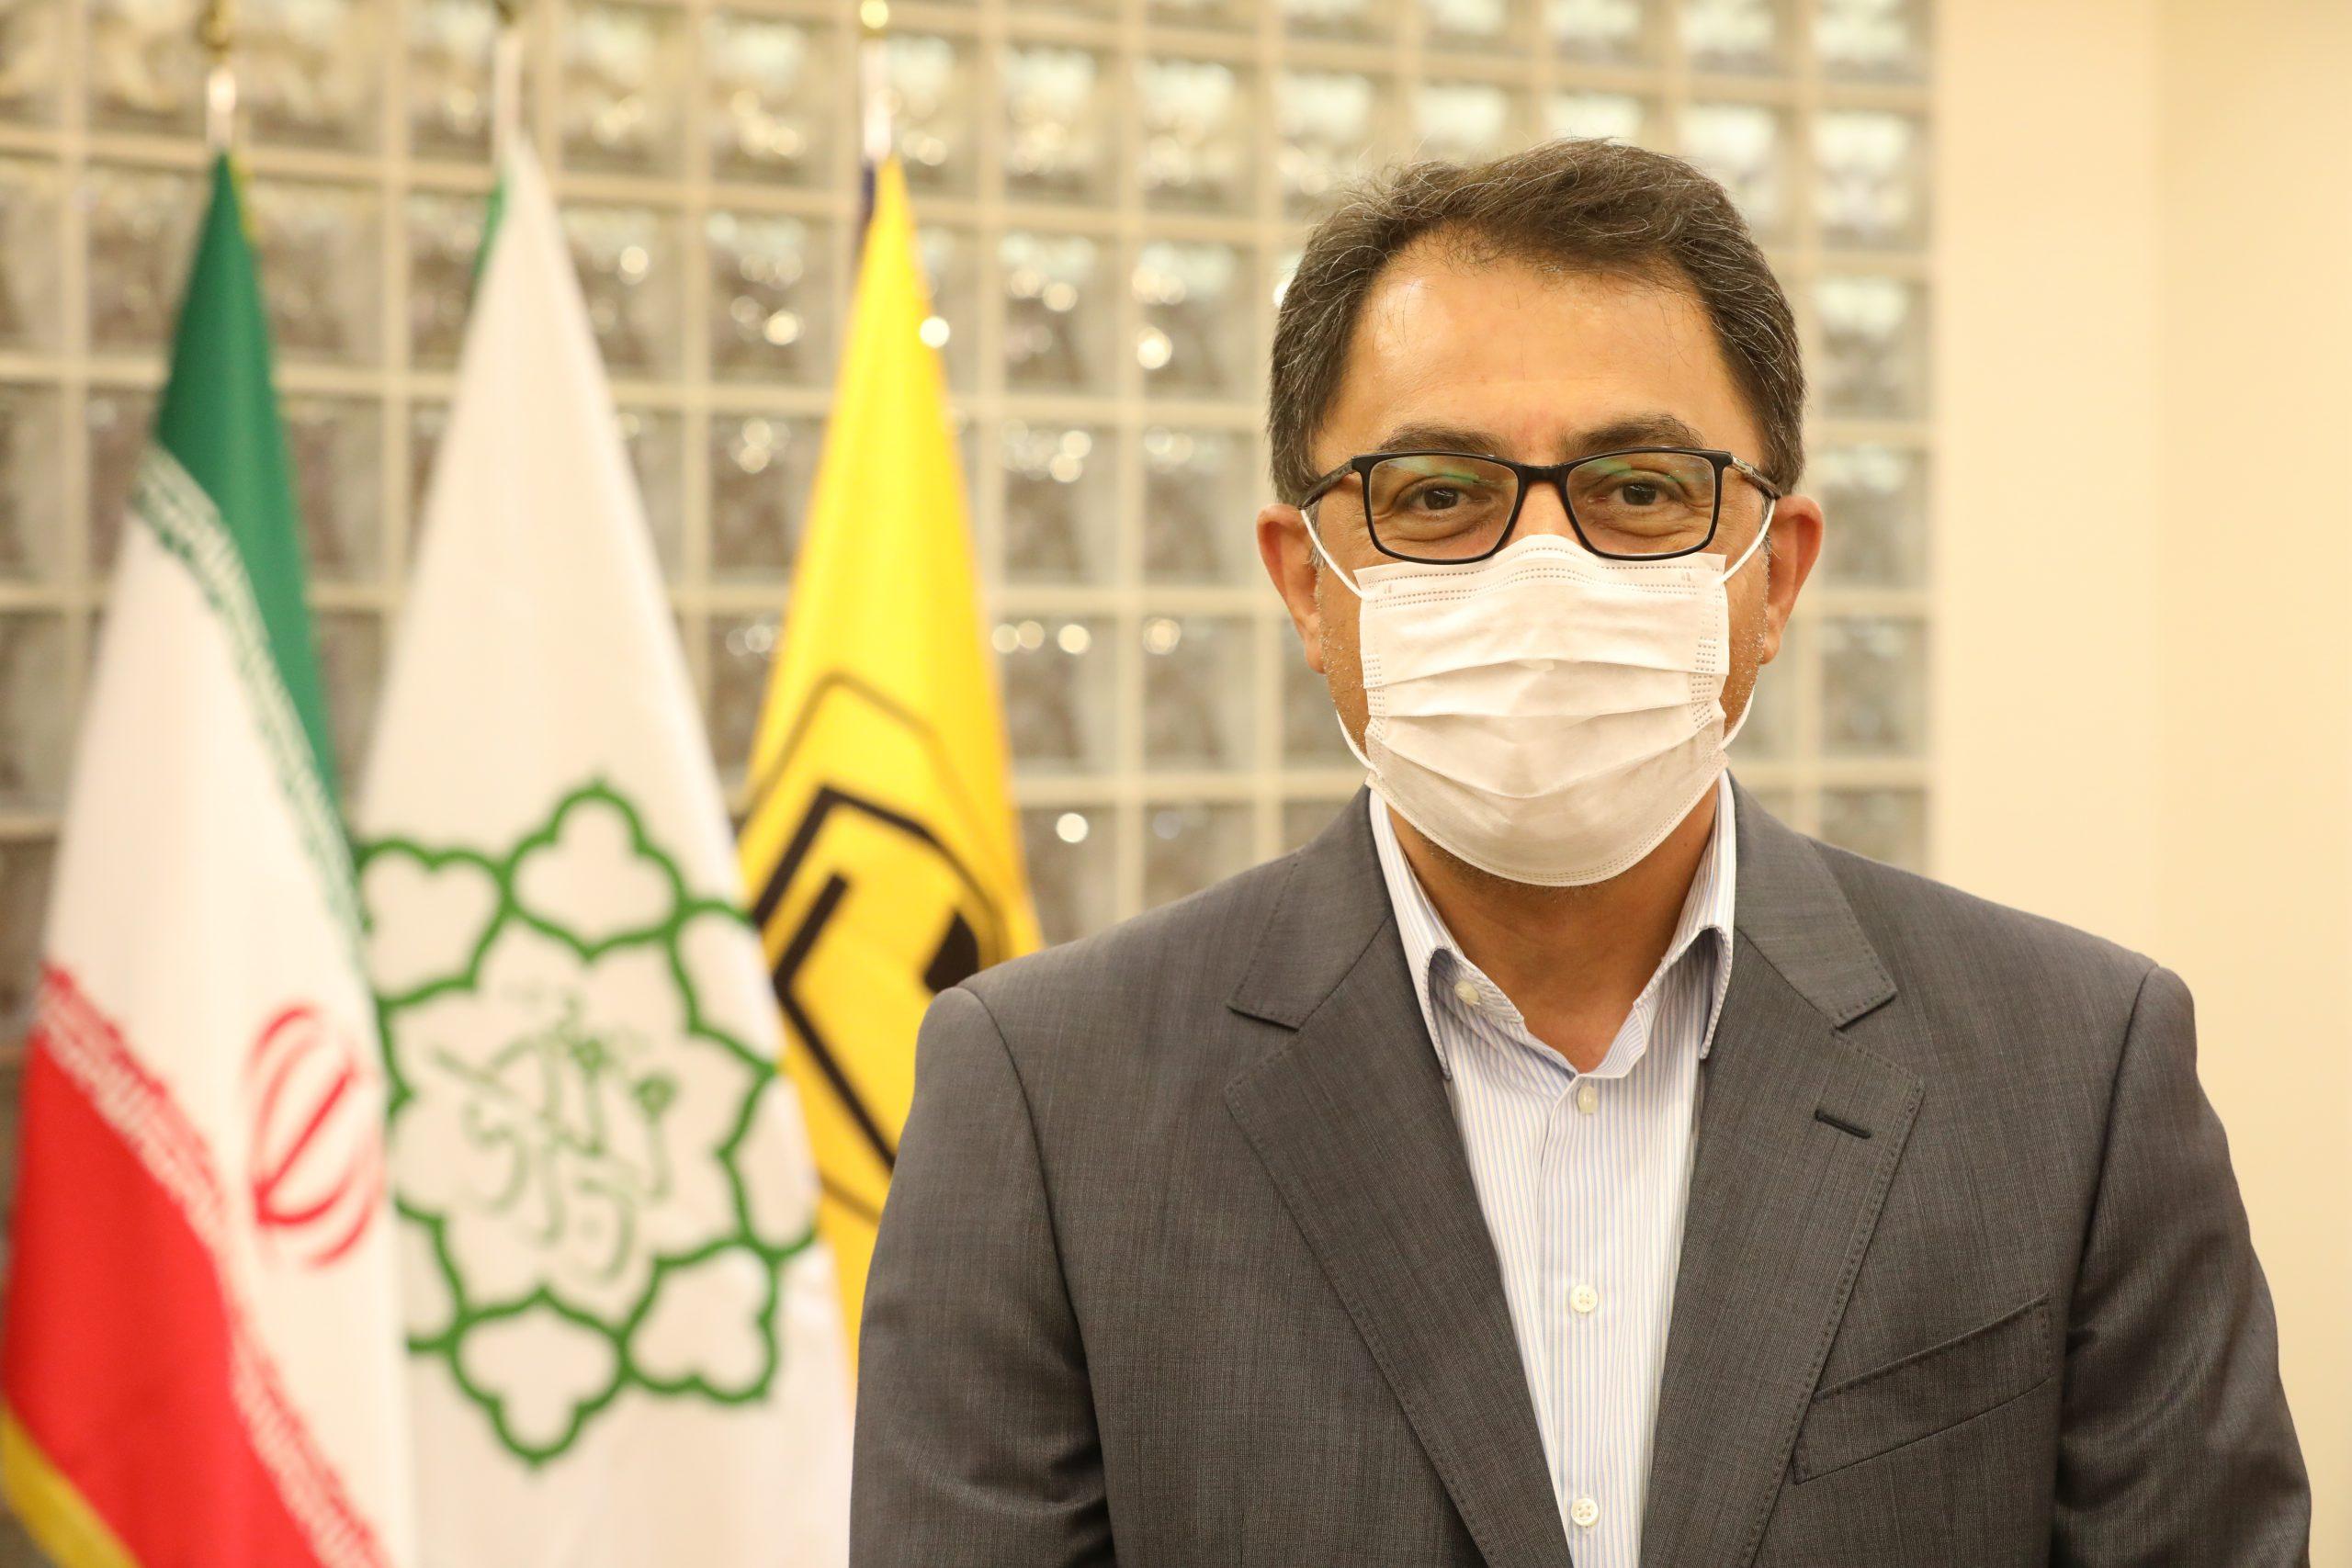 قدردانی مدیرعامل شرکت بهره برداری متروی تهران و حومه از تلاش ها و خدمات پرسنل شرکت در بیست و دومین سالگرد بهره برداری از مترو